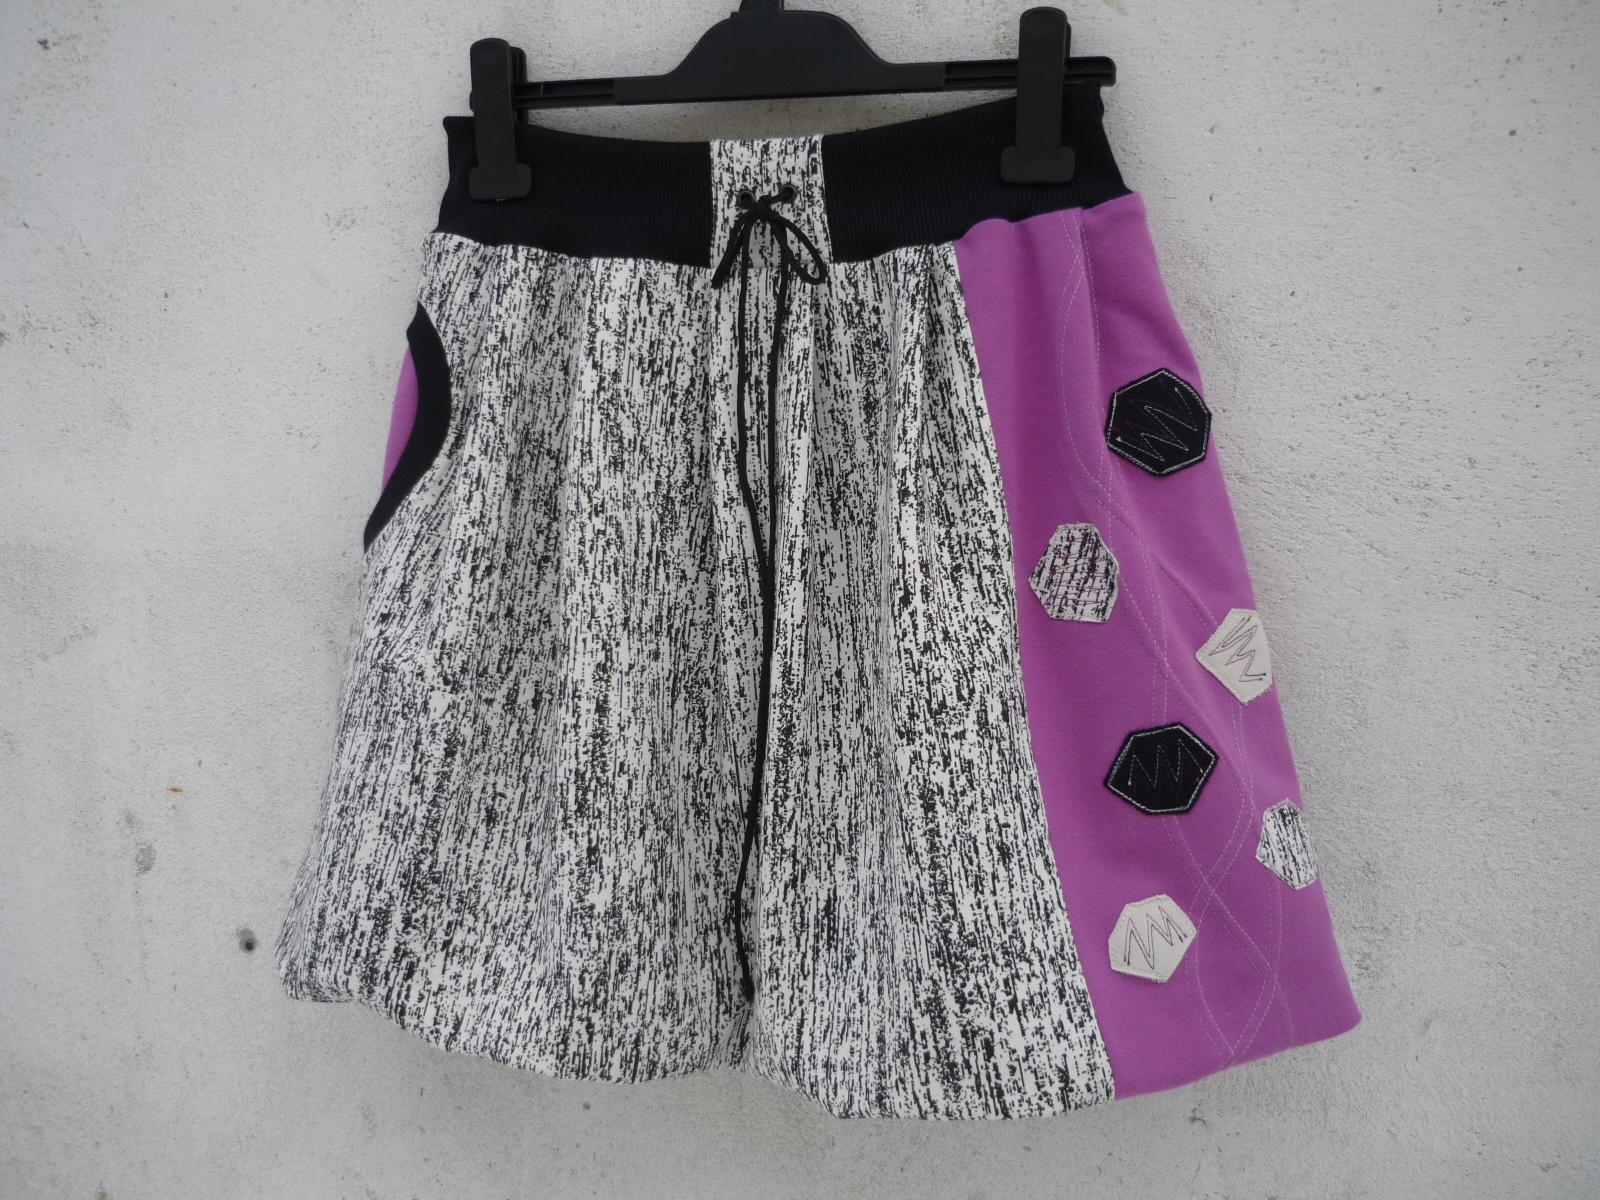 Balonová sukně pro chladnější dny   Zboží prodejce Hosie  3b3b877ada